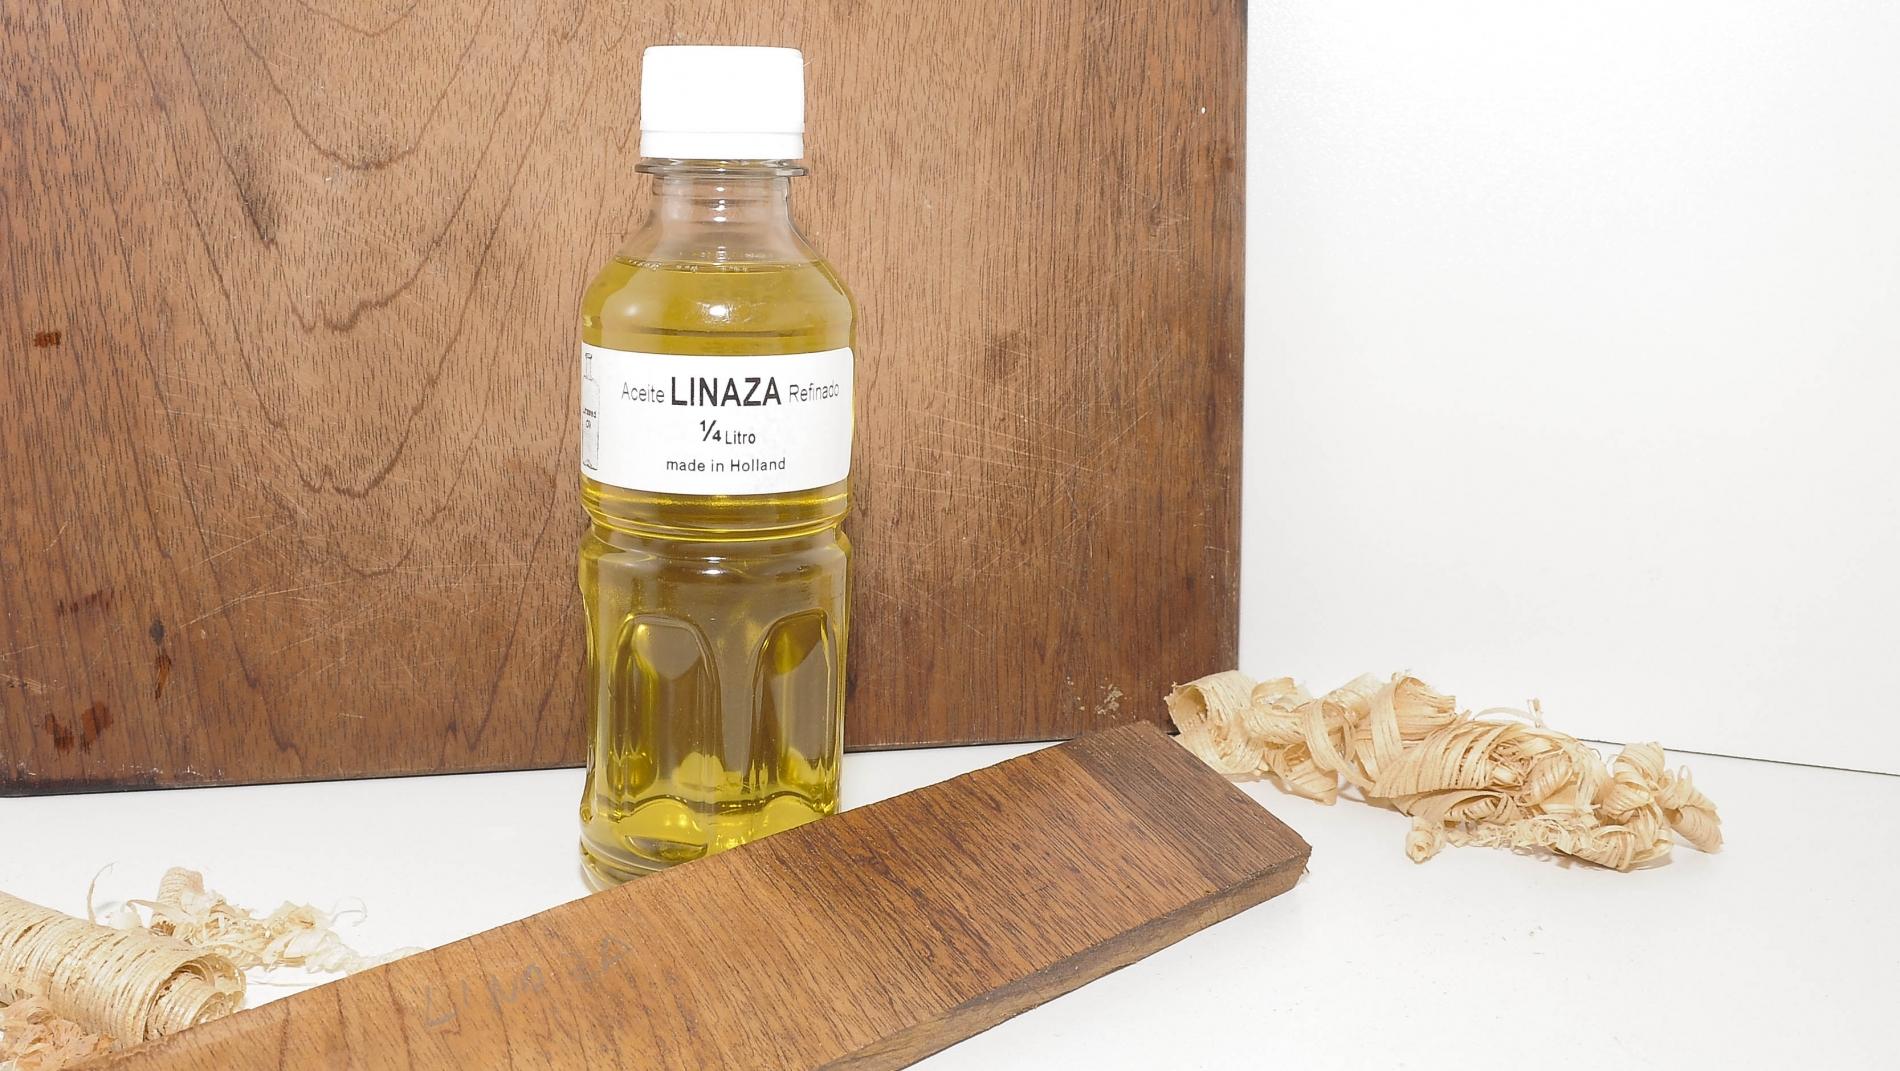 GUB0041-Aceite de Linaza 1/4 litro   acabado de madera GUB0041-max-1.